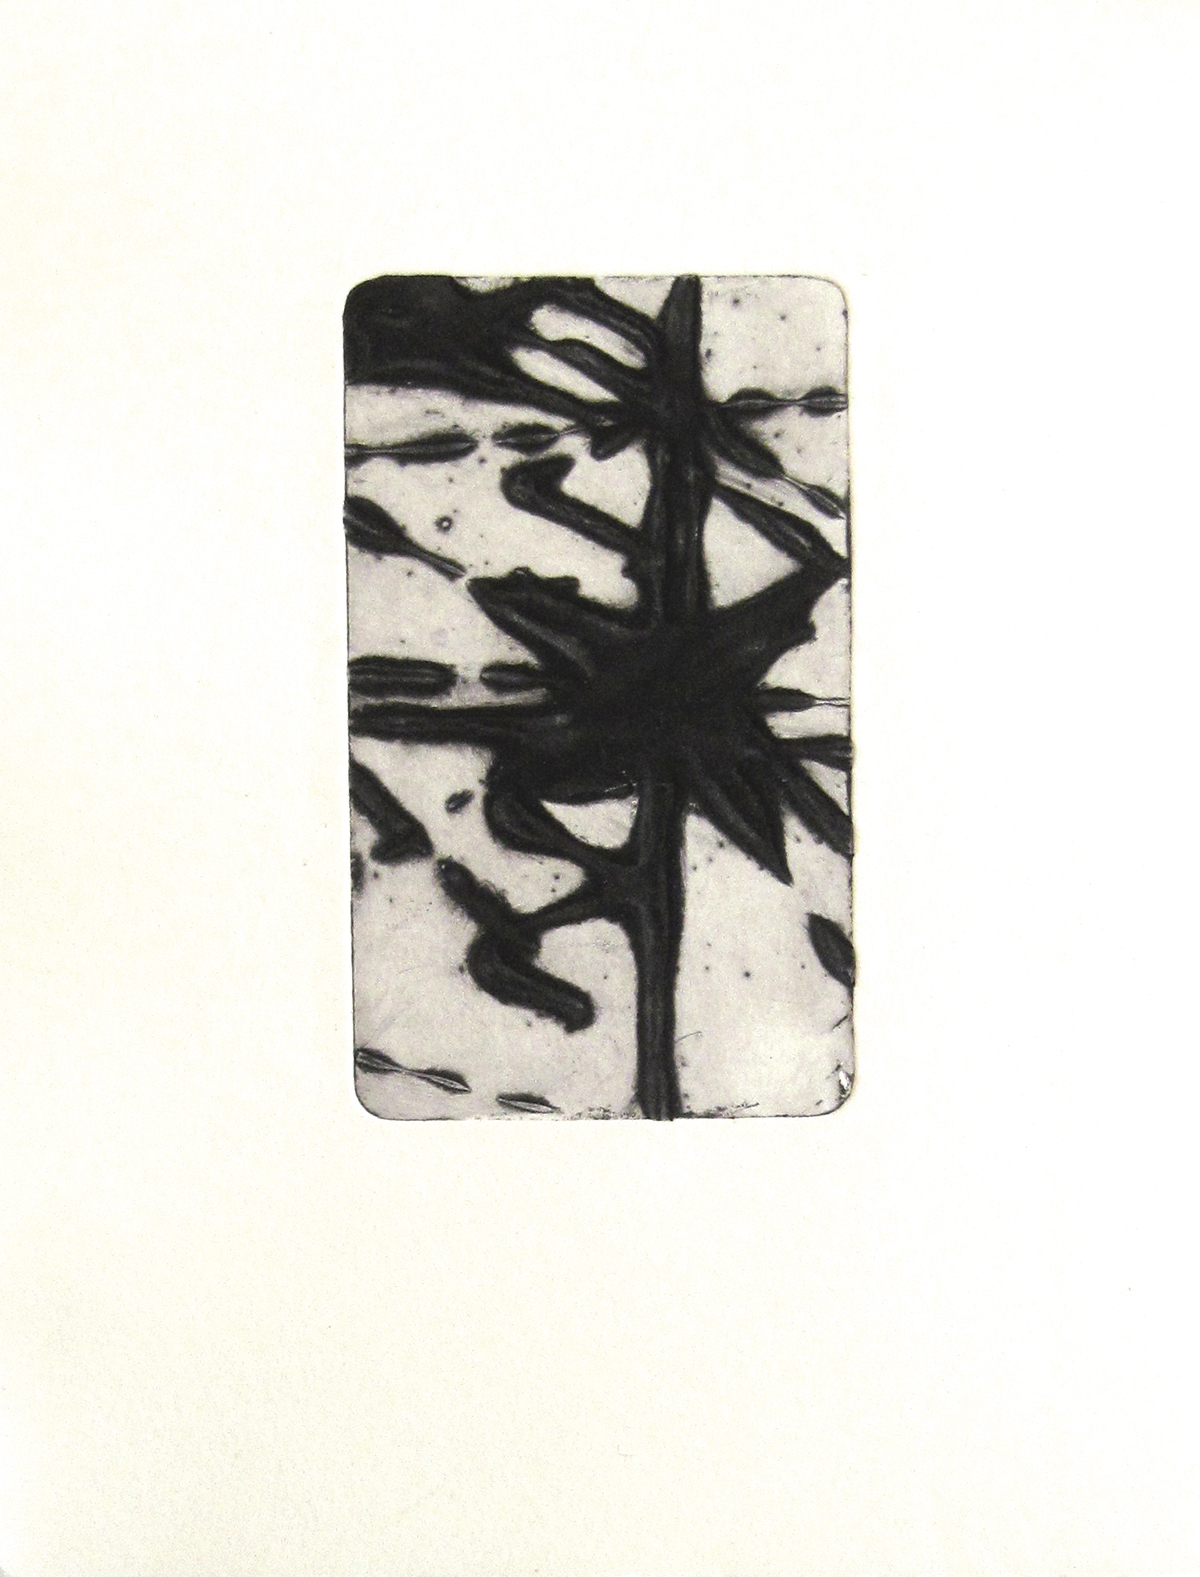 instant 35#6, édition de 4, carborundum sur papier BFK Rives 270g, 20x30 cm, blandine galtier ©